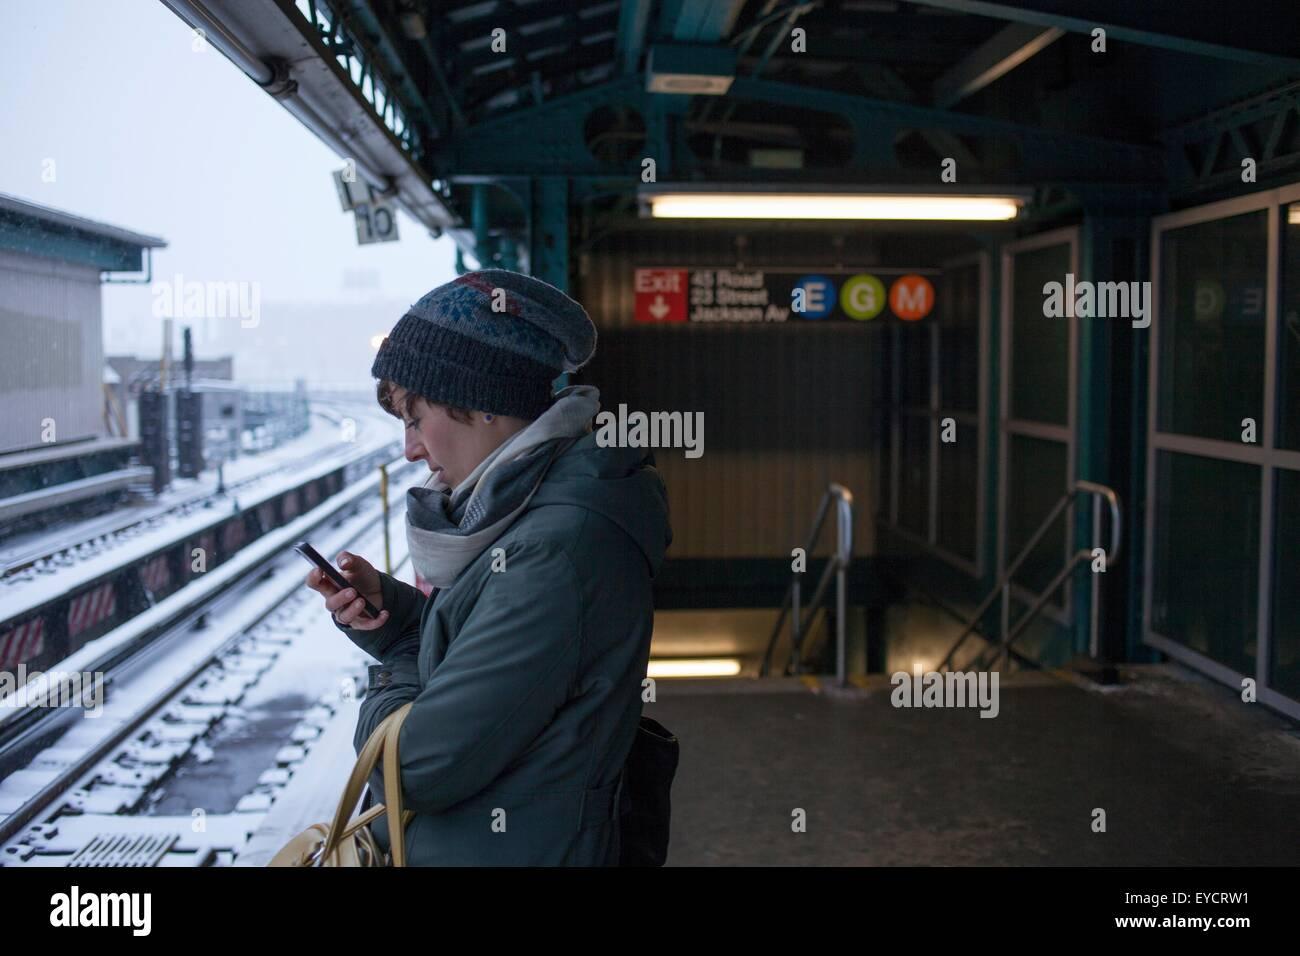 Metà donna adulta in piedi alla stazione ferroviaria tramite telefono cellulare Immagini Stock